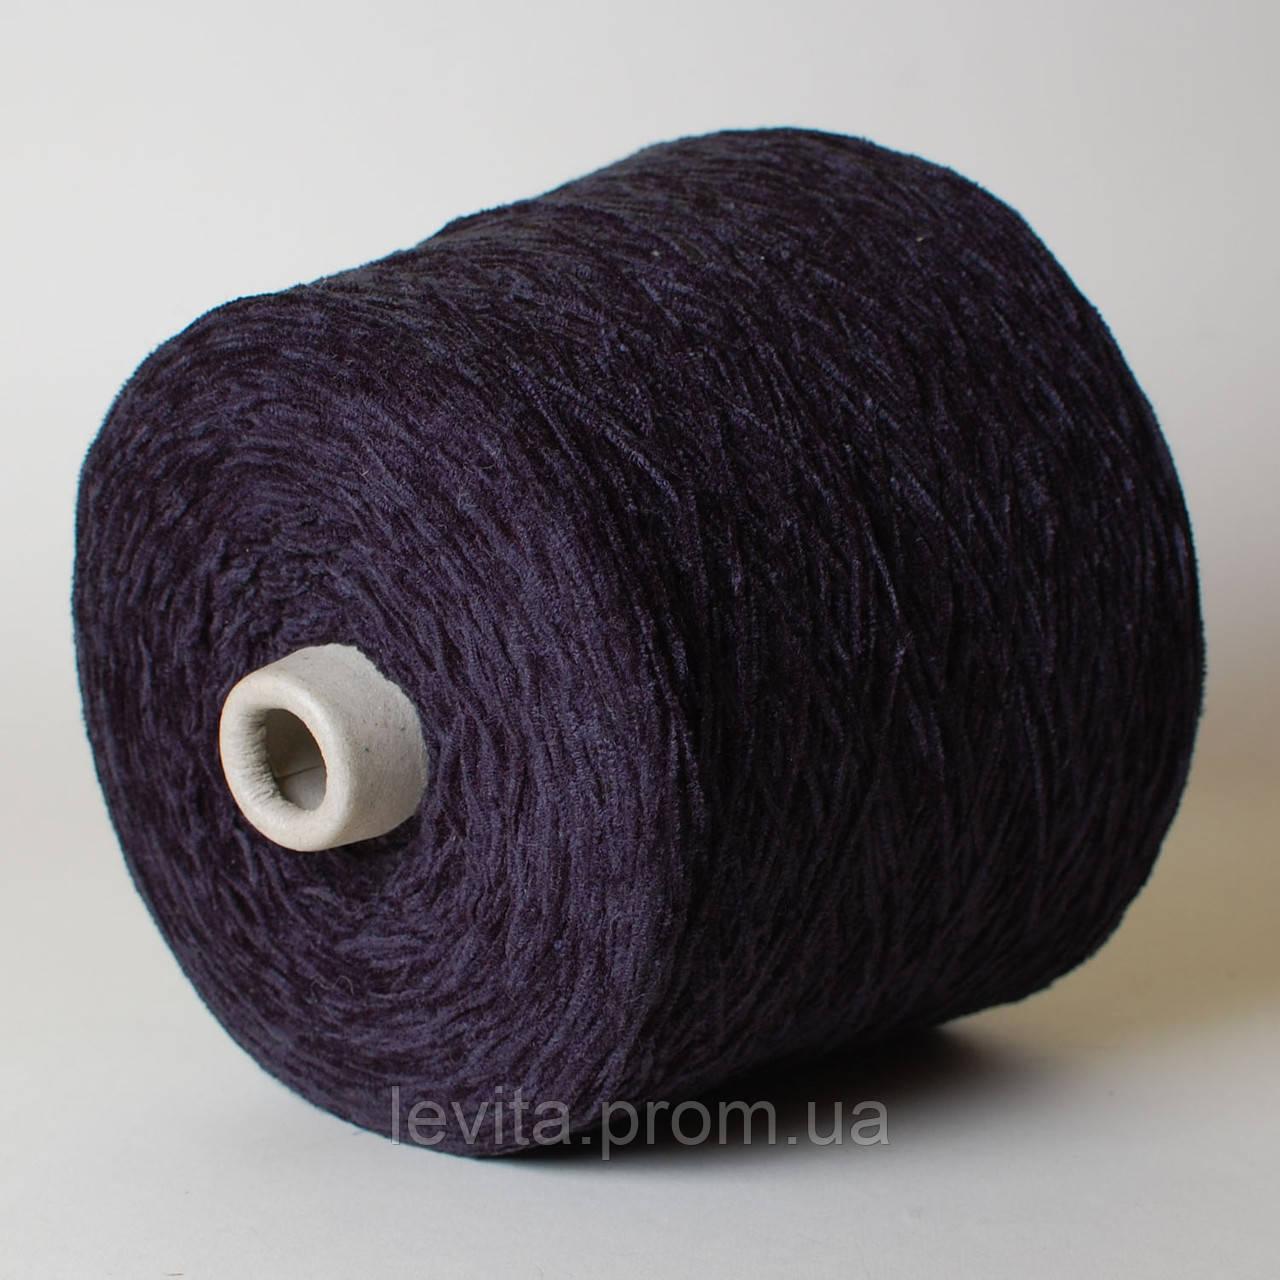 """Пряжа-велюр, фиолет с чёрным (100% акрил; 600 м/100 г) в интернет-магазине пряжи """"Левита"""""""